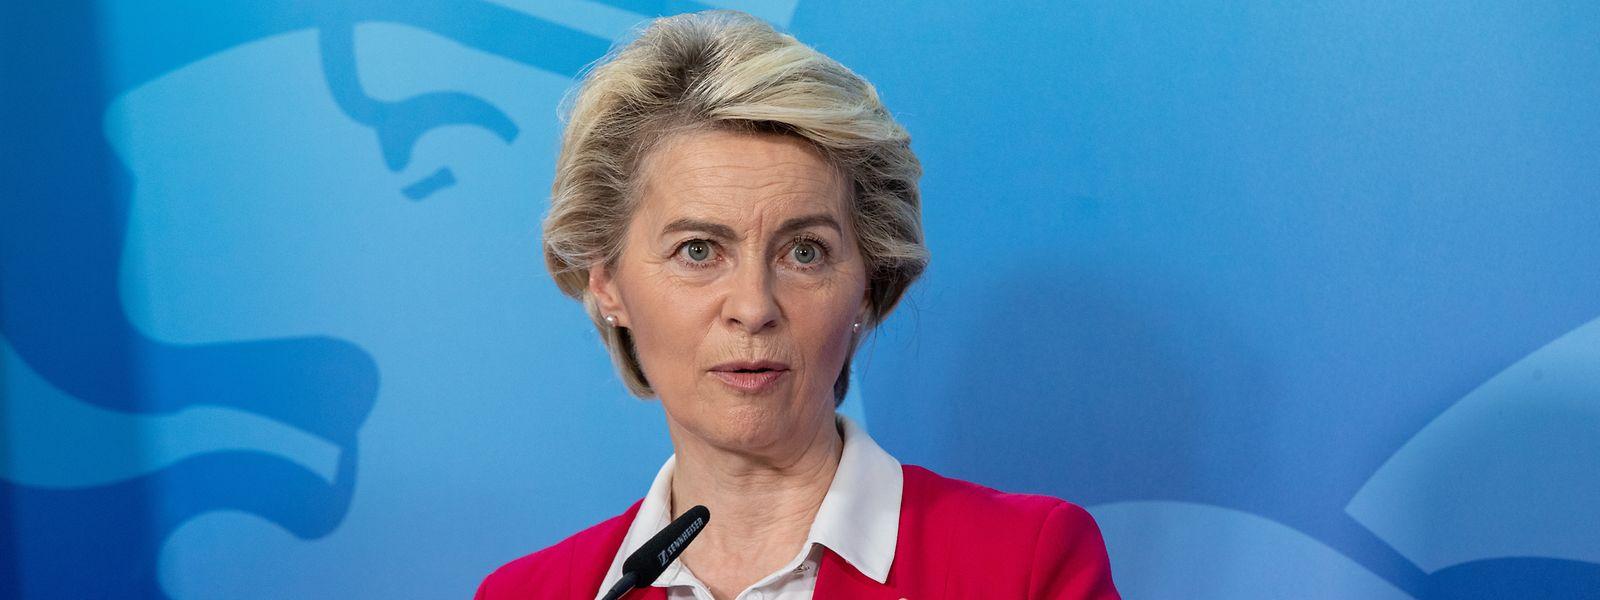 Selon les détails fournis vendredi par Ursula von der Leyen, 93% des fonds européens alloués au Luxembourg seront dédiés à la transition écologique et à la digitalisation.